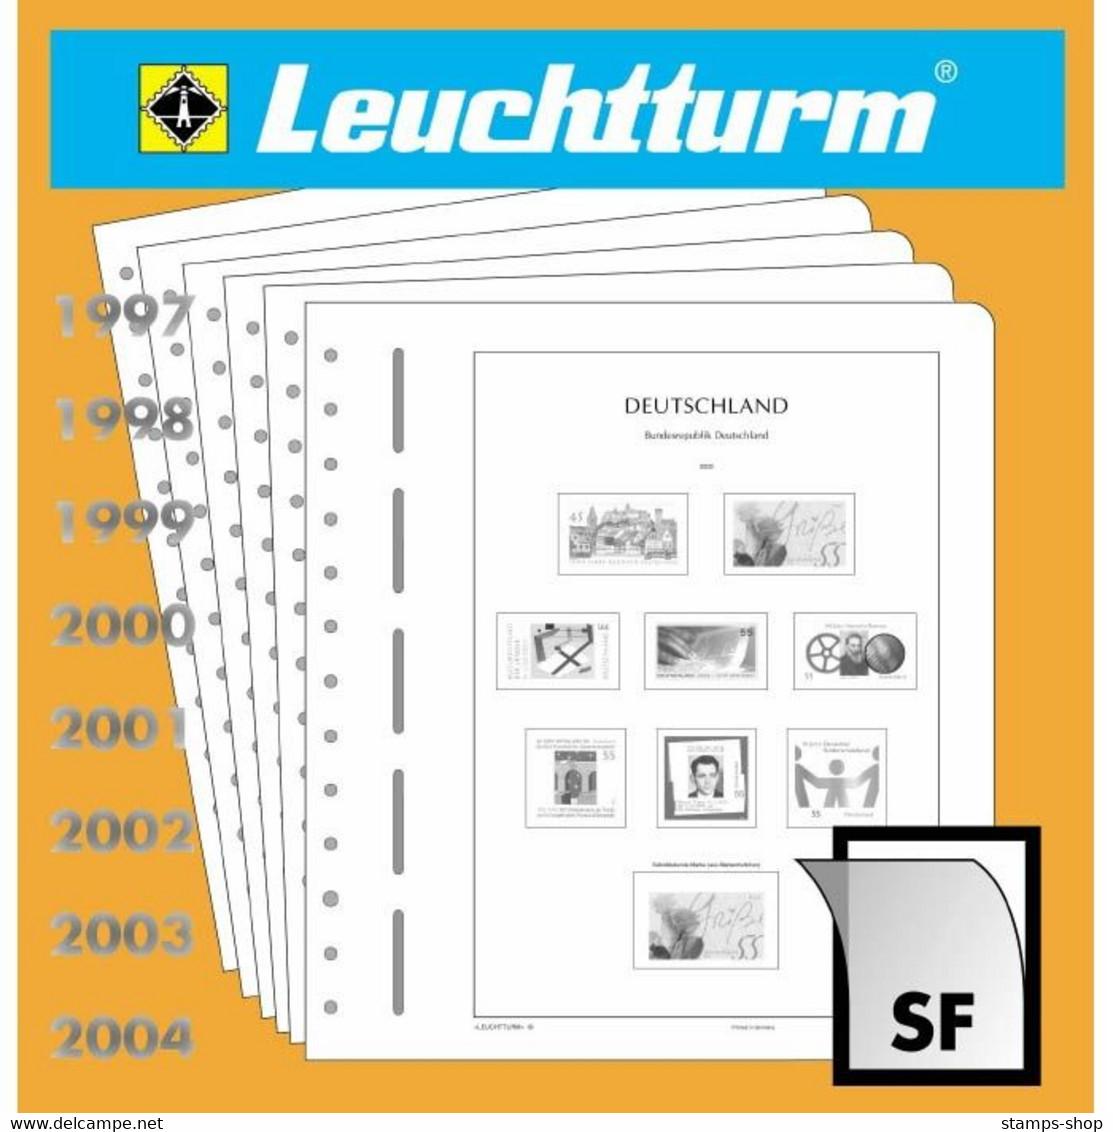 Leuchtturm Nachtrag Deutschland Gemeinschaftsausgaben 1998 SF Mit Taschen Neu - Pre-printed Pages